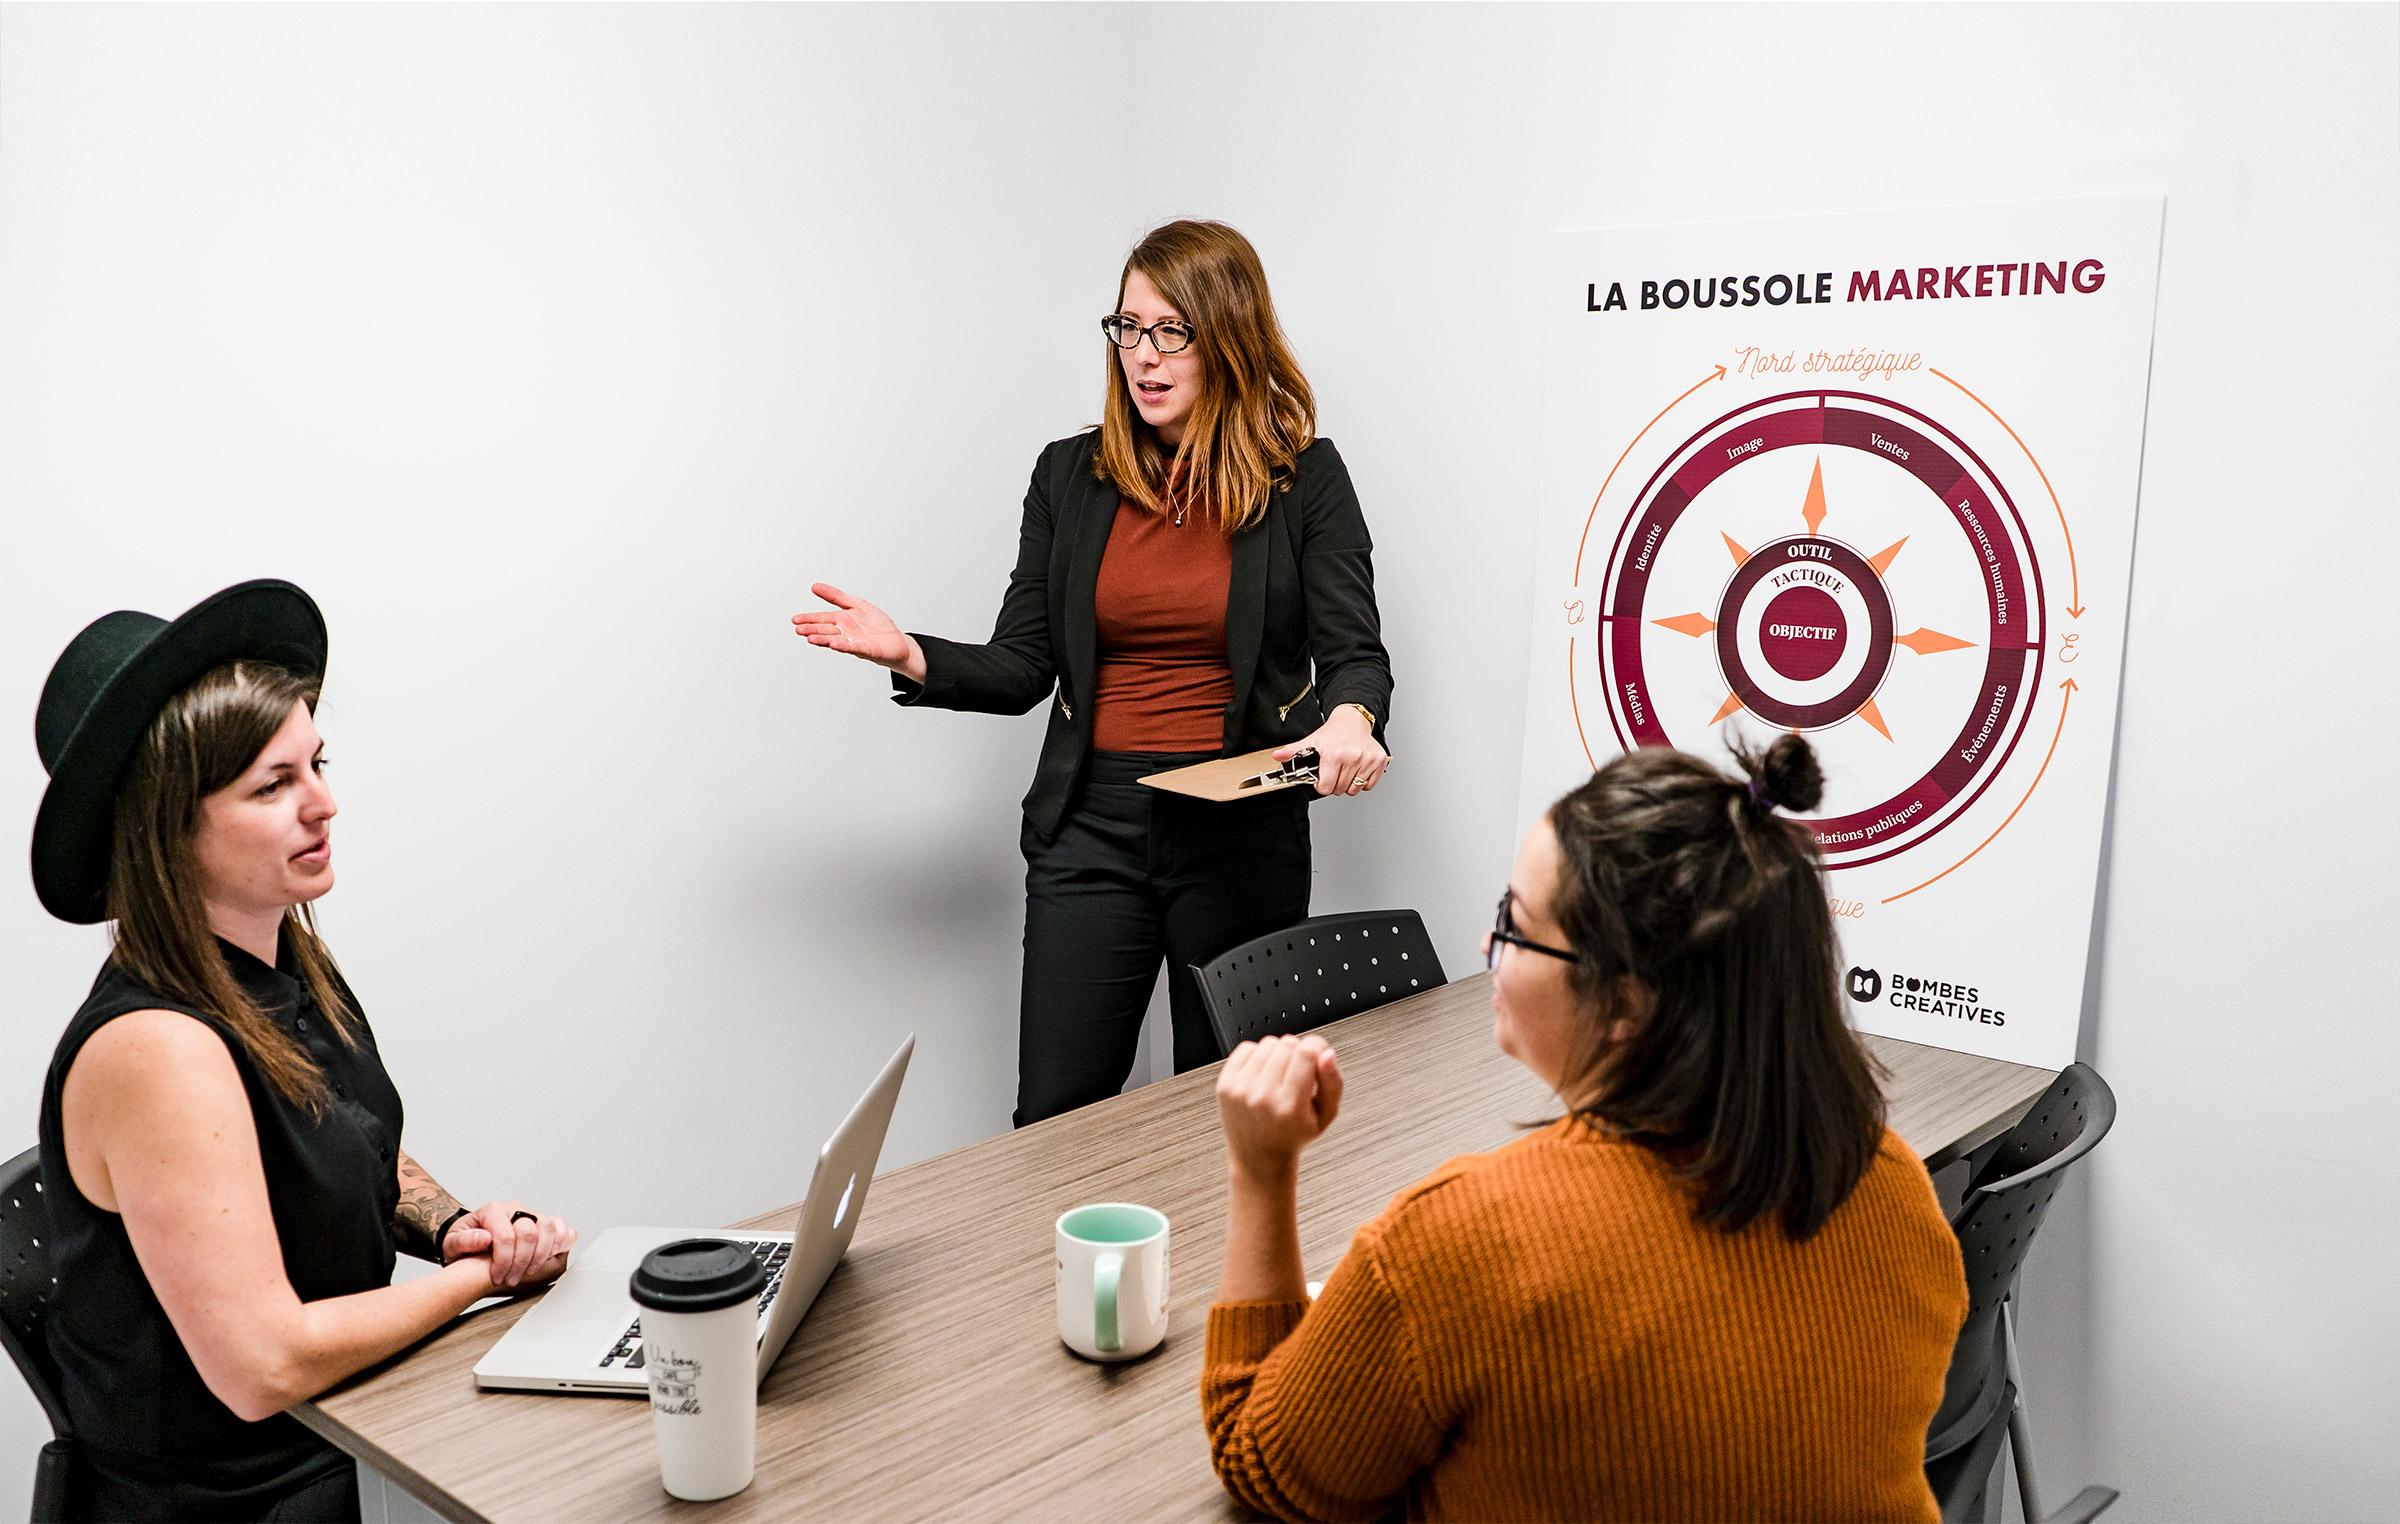 Bombes créatives et la boussole marketing